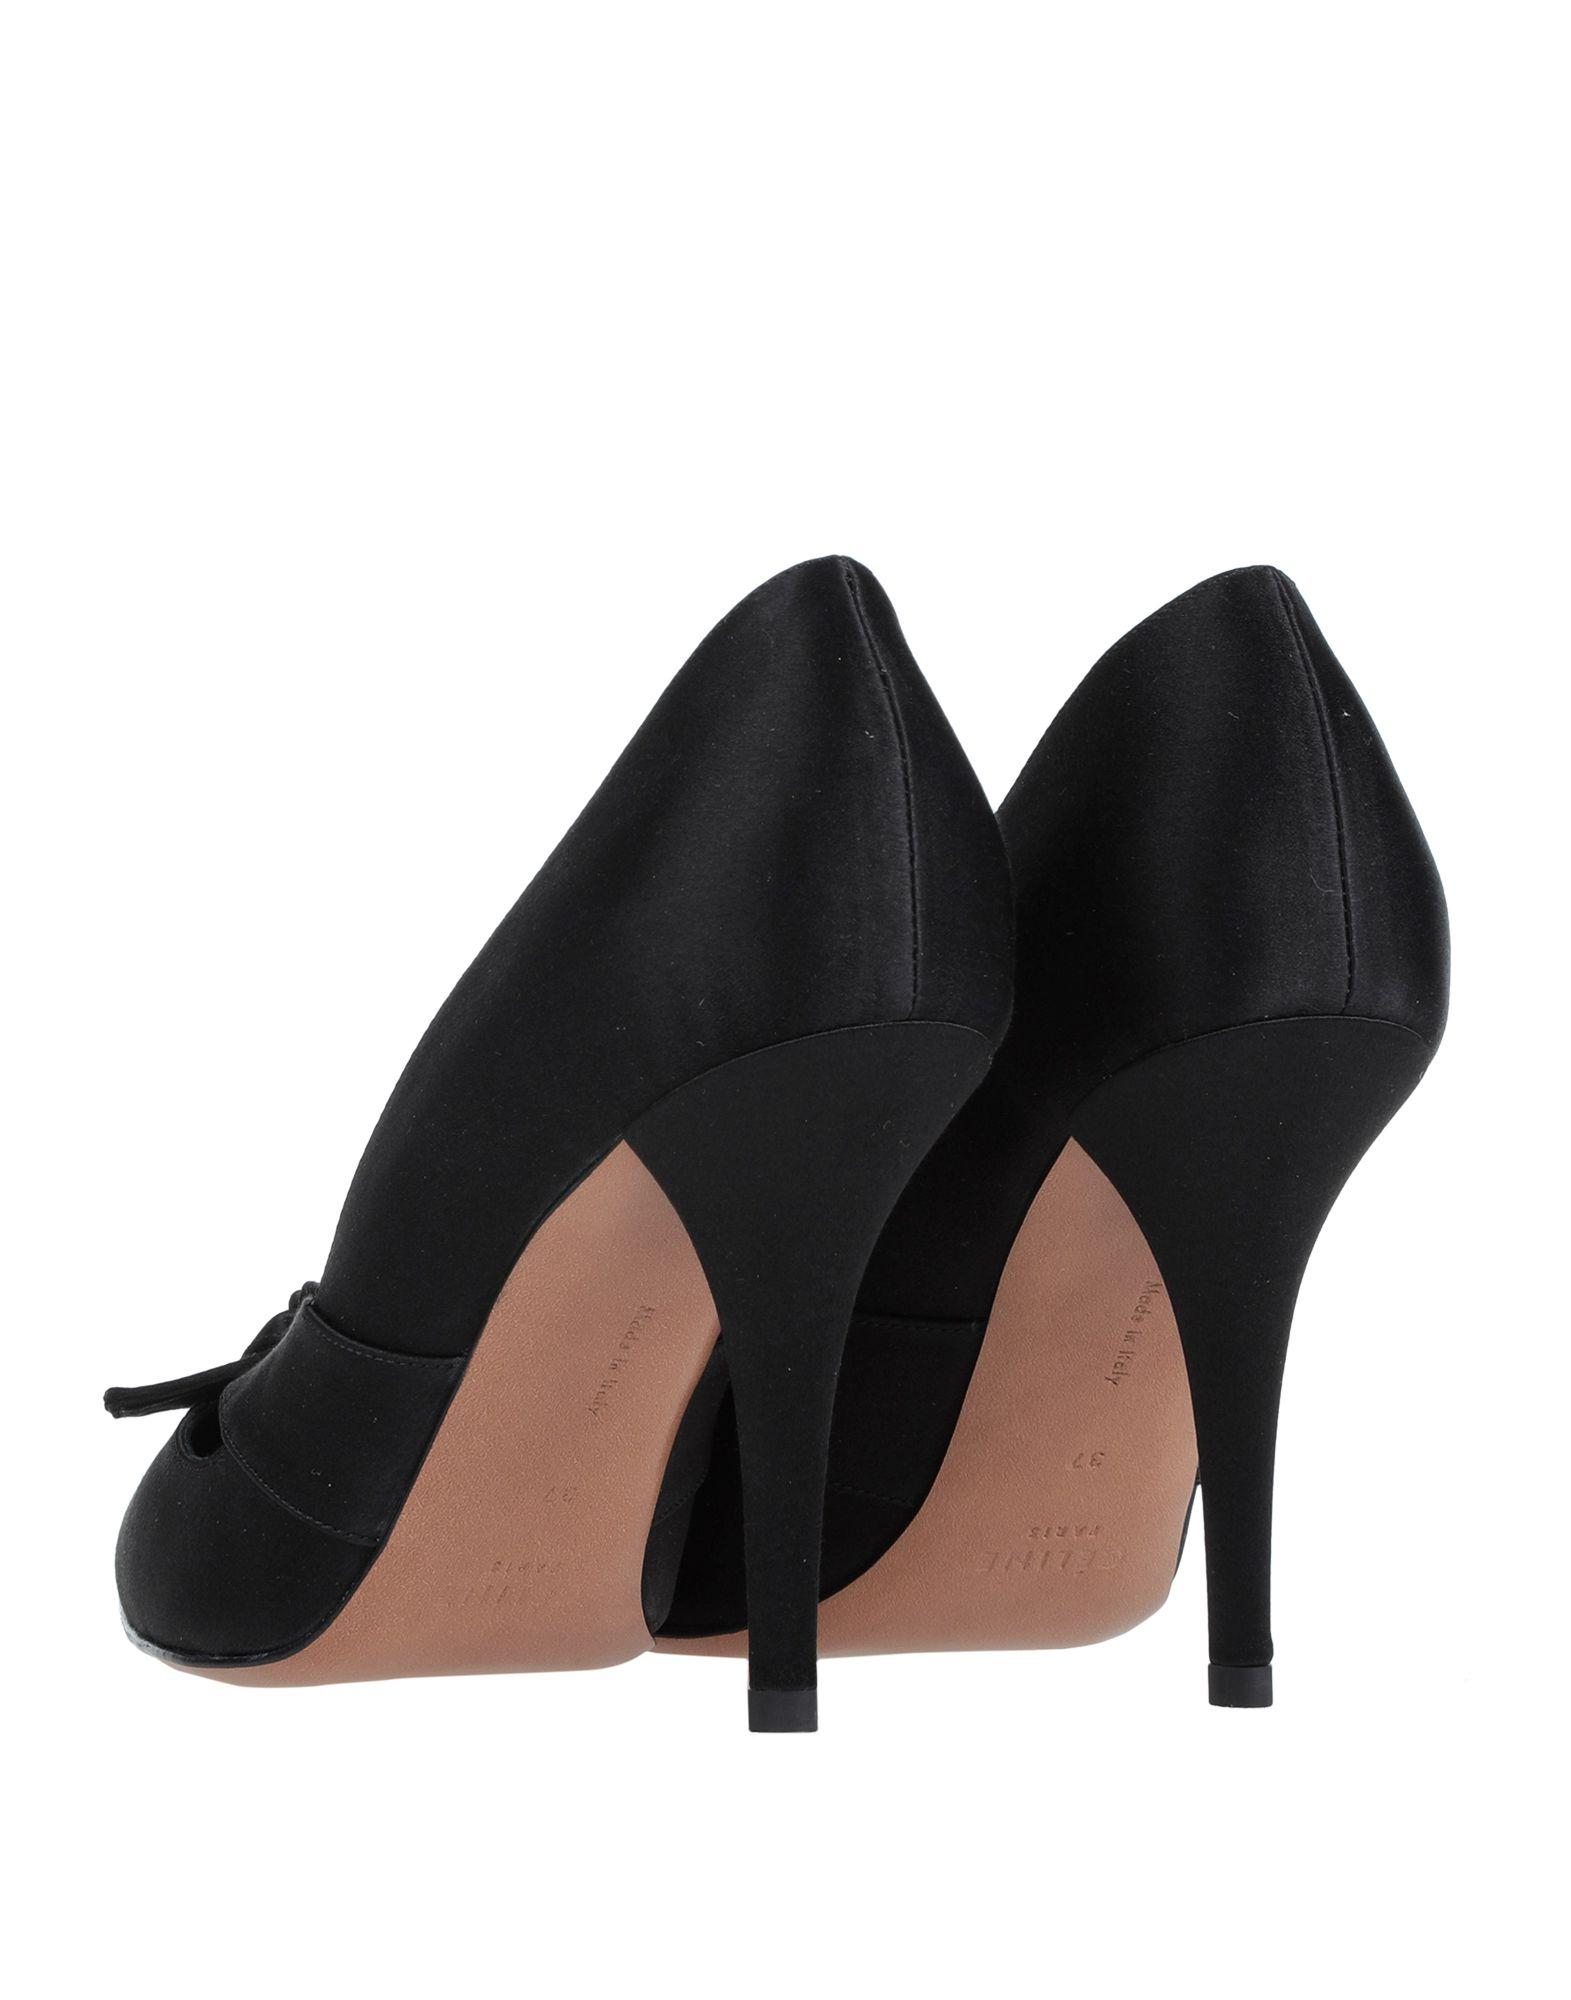 Zapatos de salón Celine de Raso de color Negro